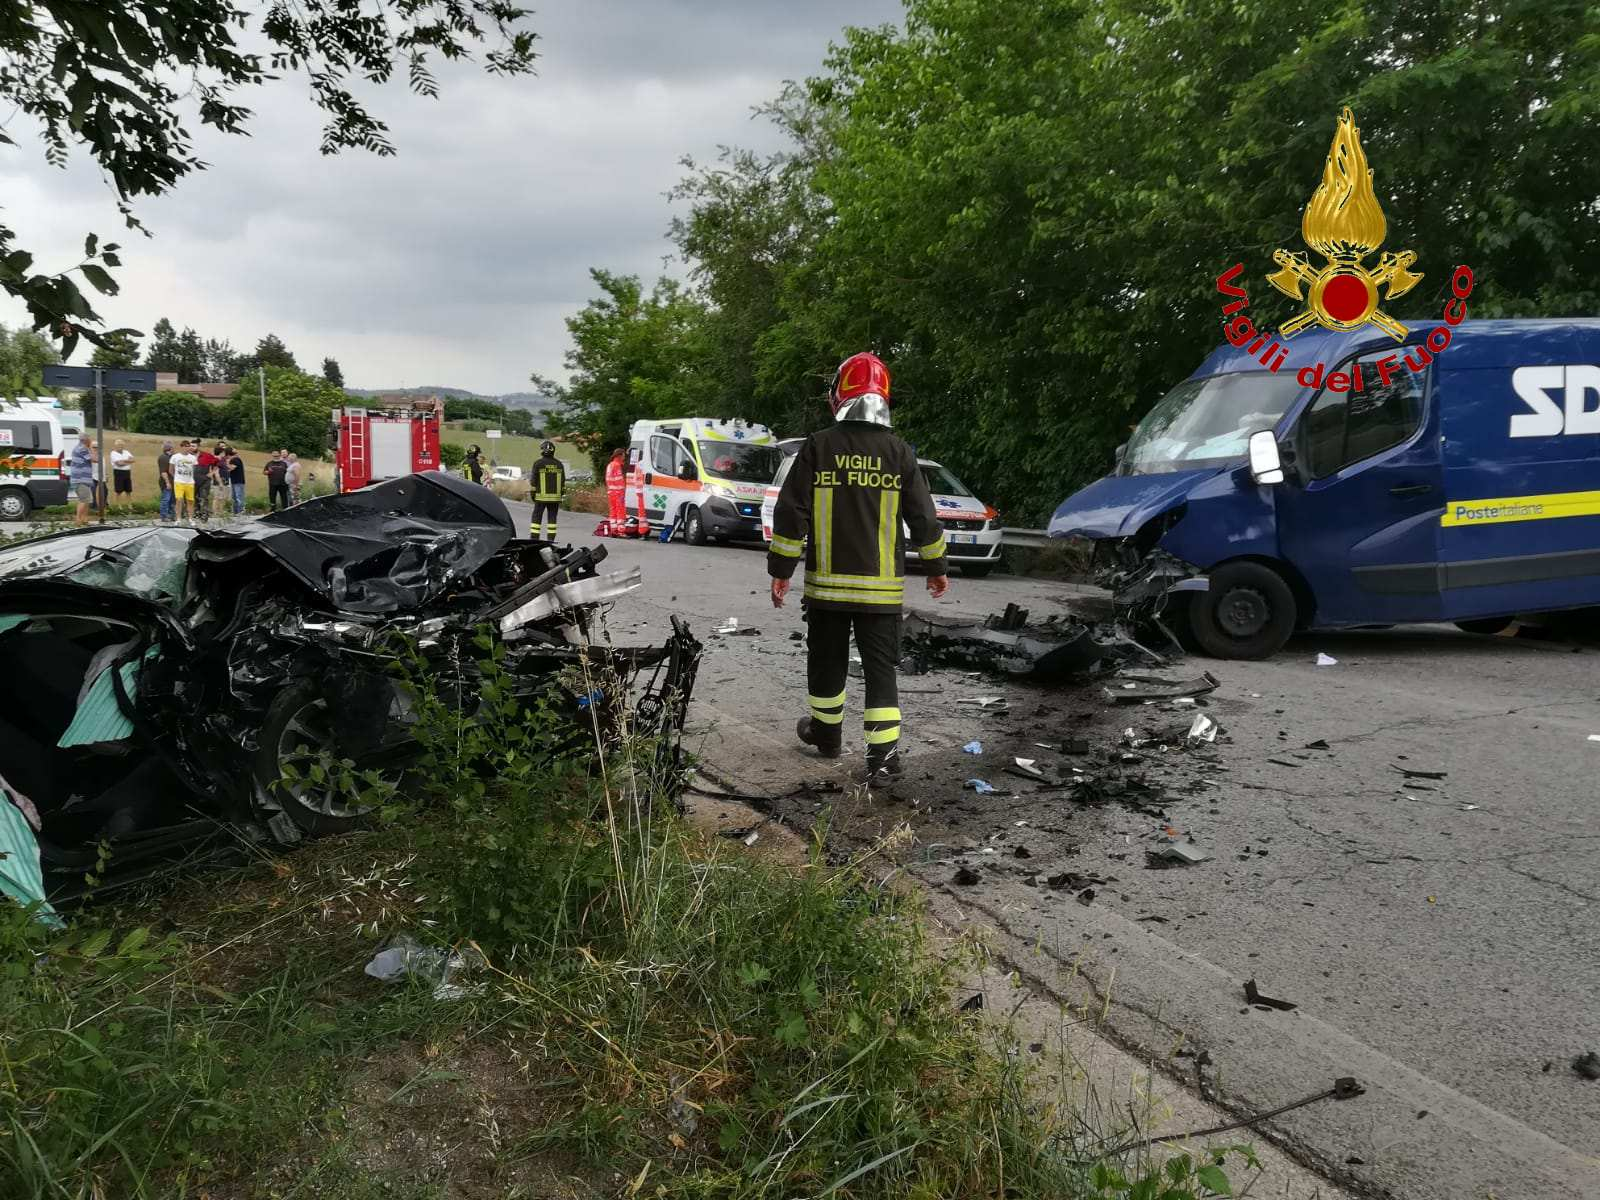 Incidente a Morrovalle fra auto e furgone, grave un ferito